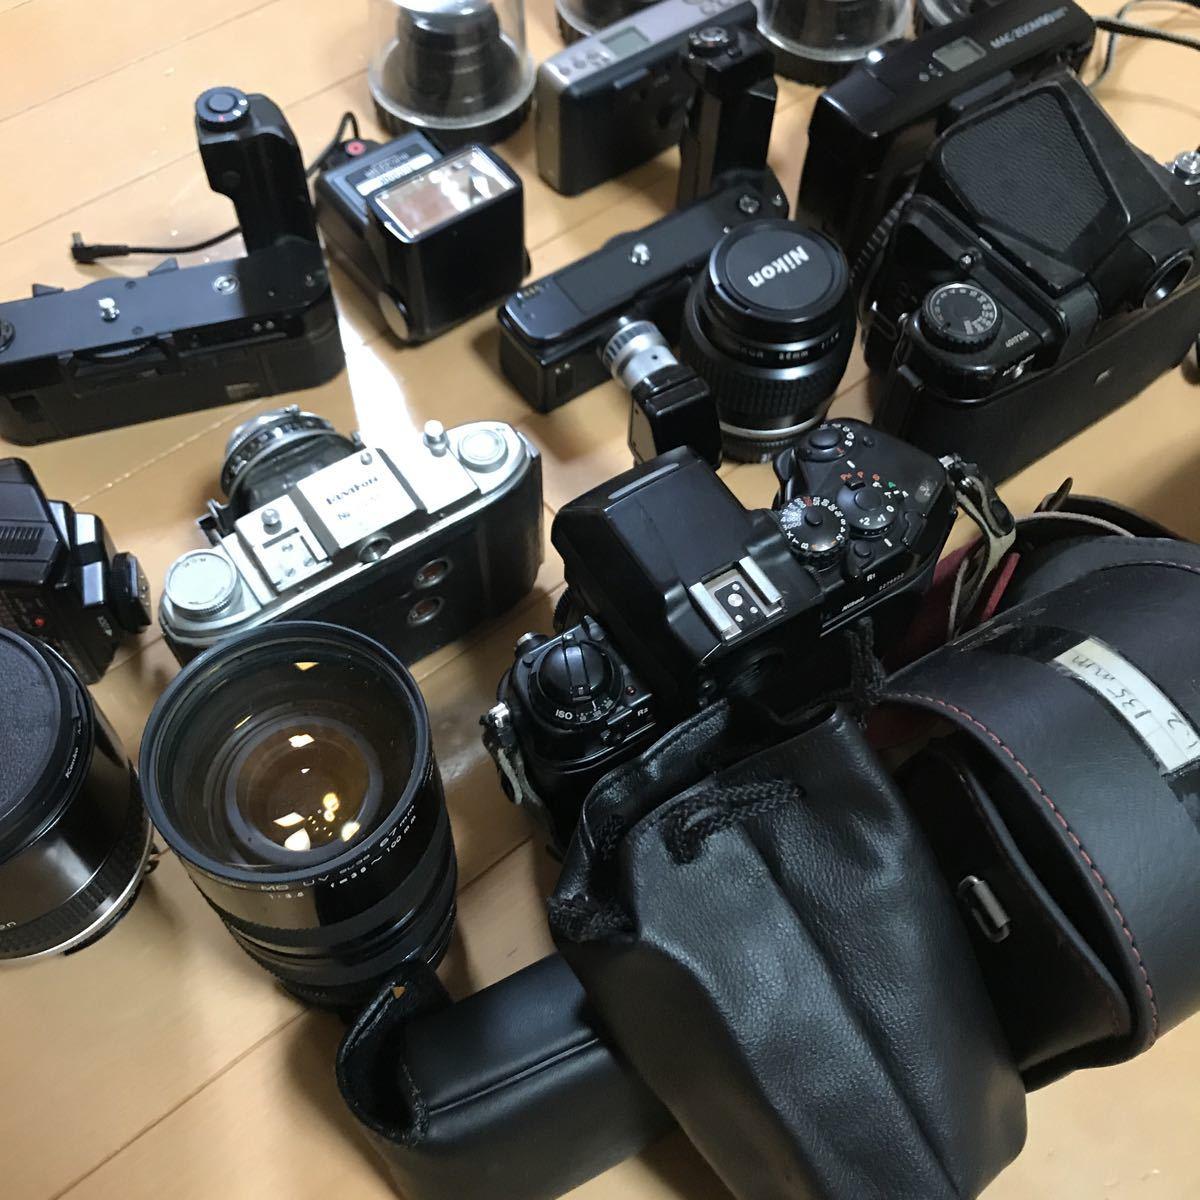 ジャンク ニコン ペンタックス など フィルムカメラ レンズ 色々 いろいろ_画像8